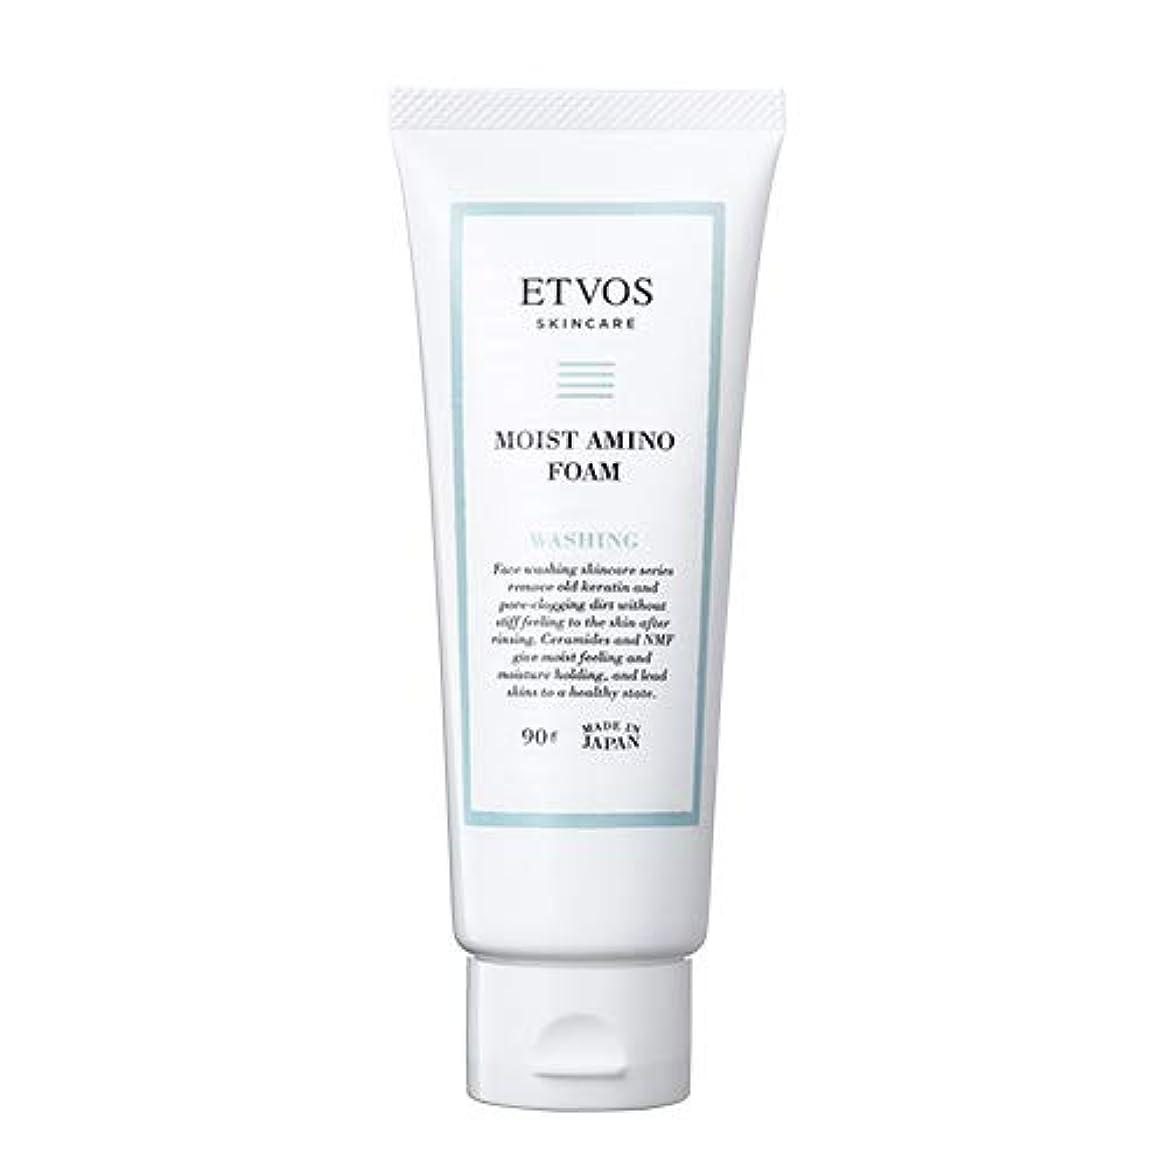 トランスミッションベリ予算ETVOS(エトヴォス) 洗顔フォーム モイストアミノフォーム 90g ヒト型セラミド アミノ酸系 乾燥肌/敏感肌